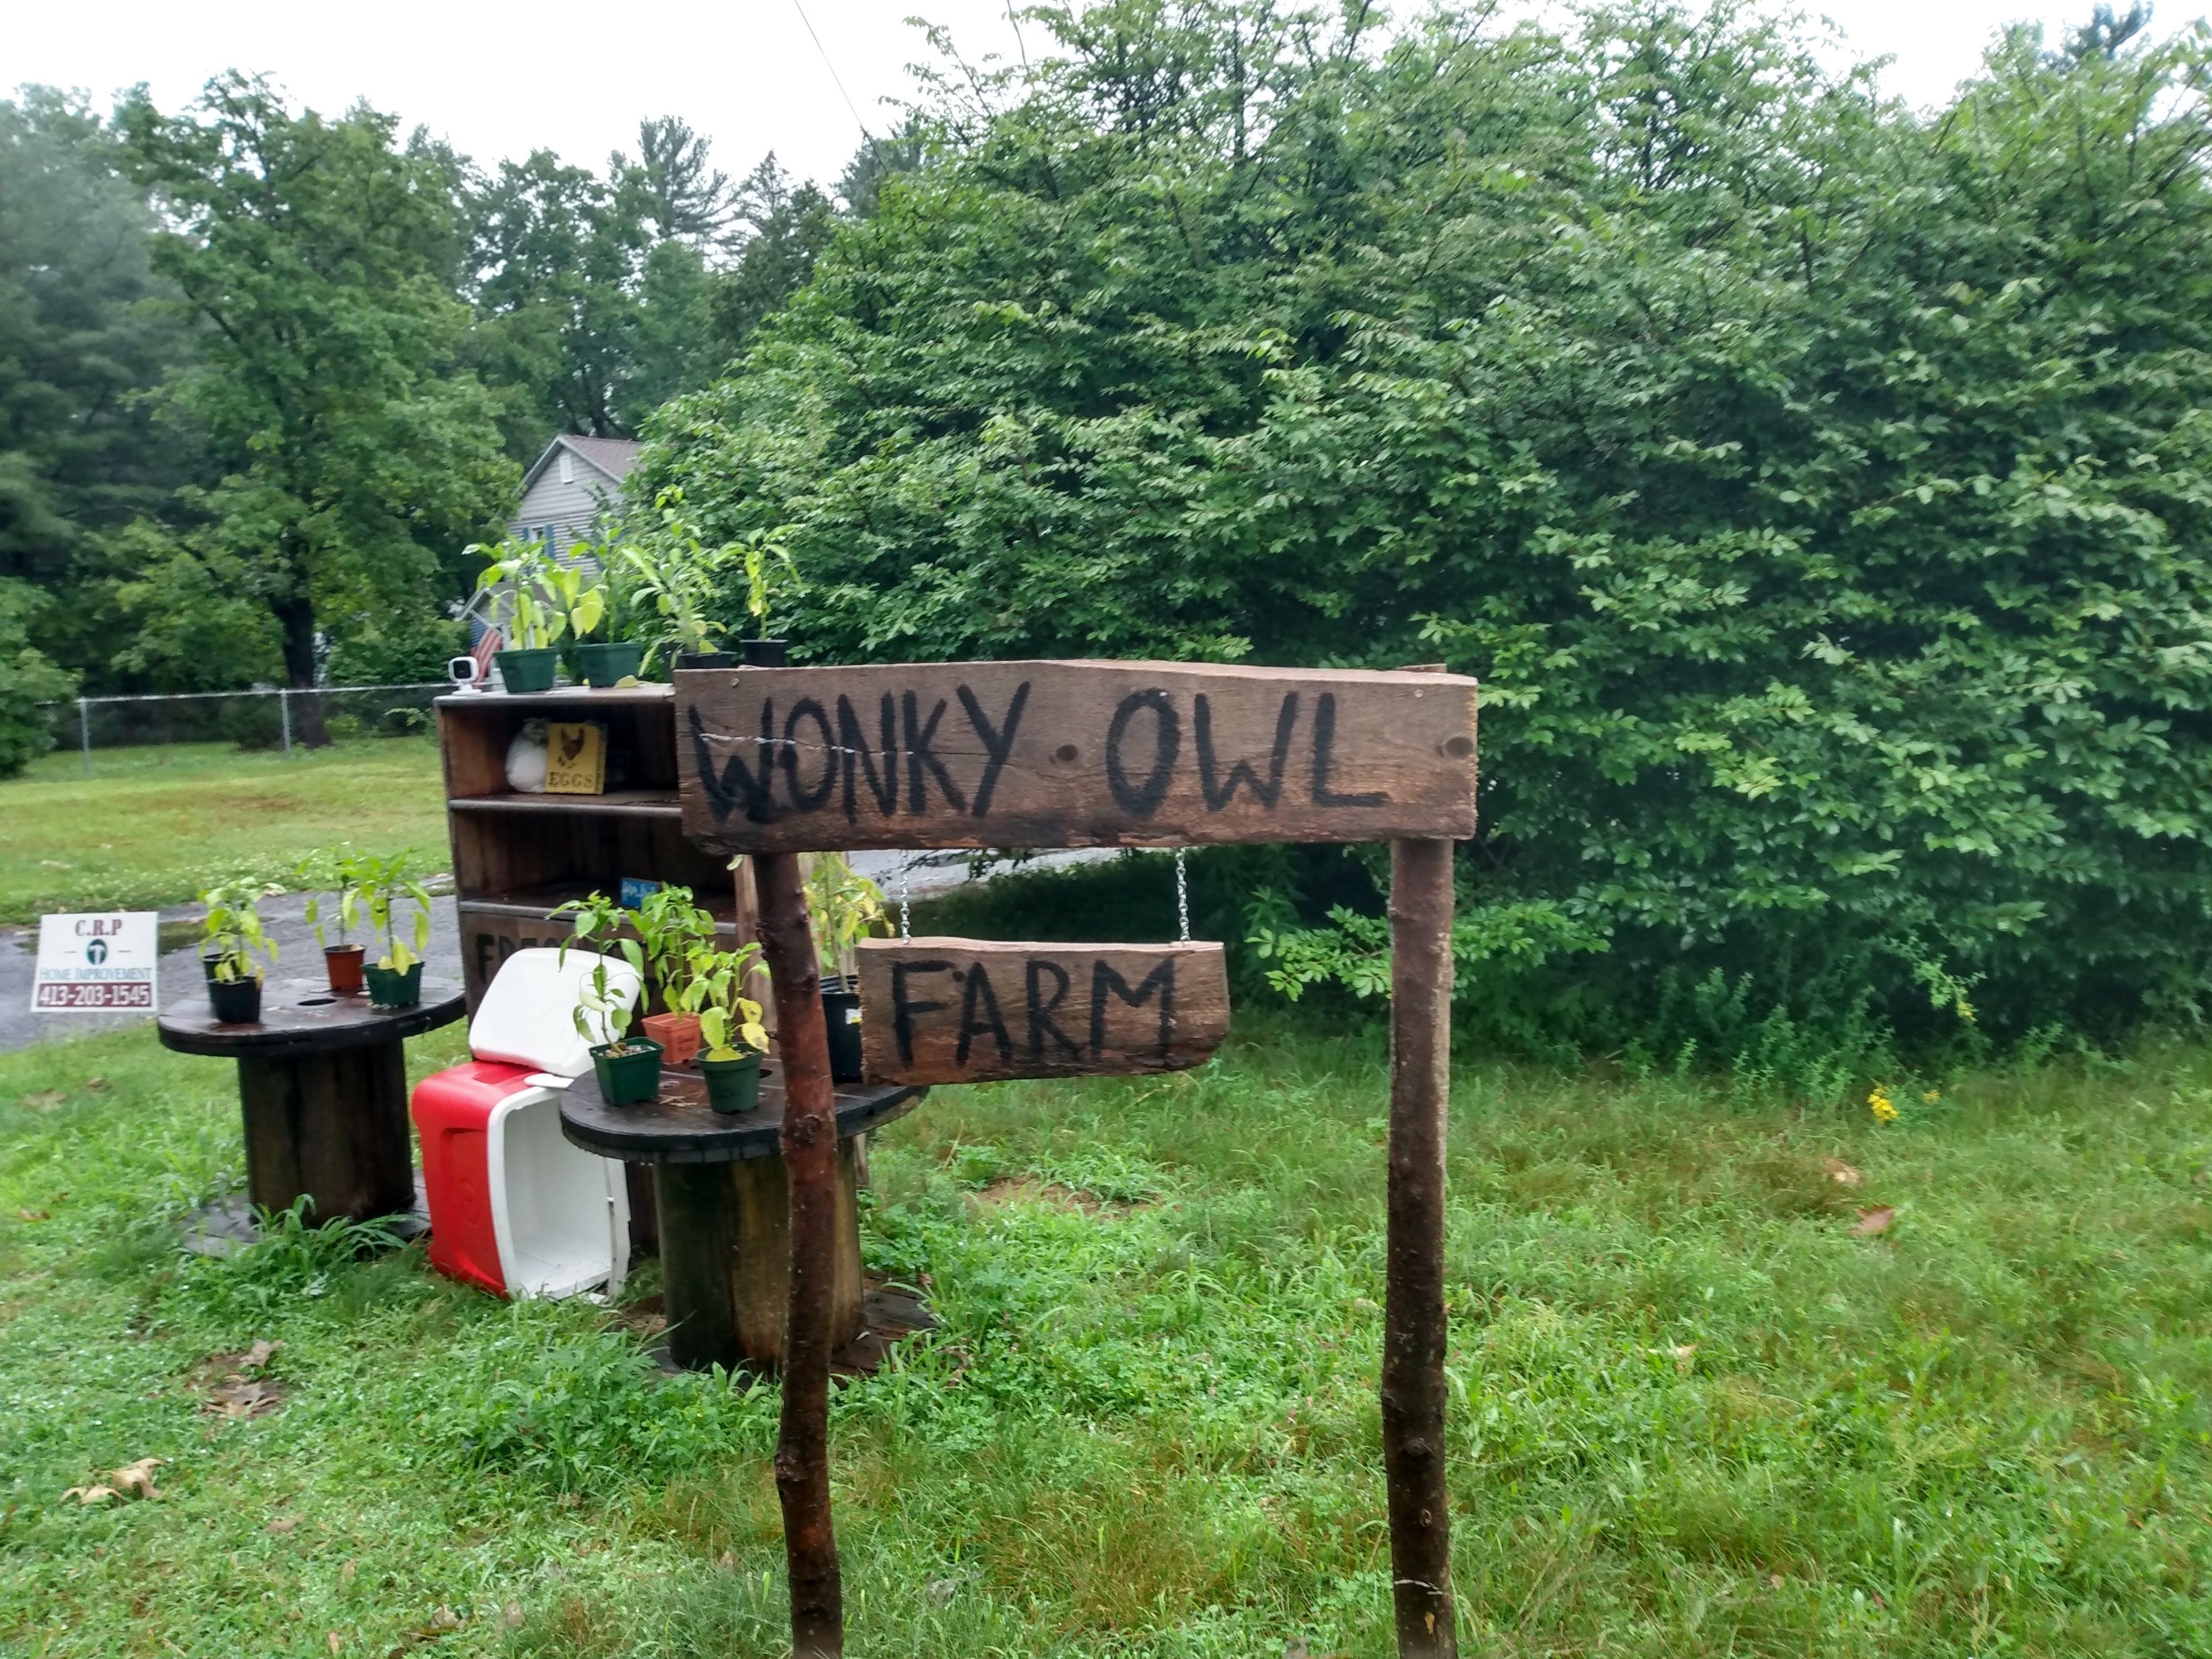 Wonky Owl Farm sign